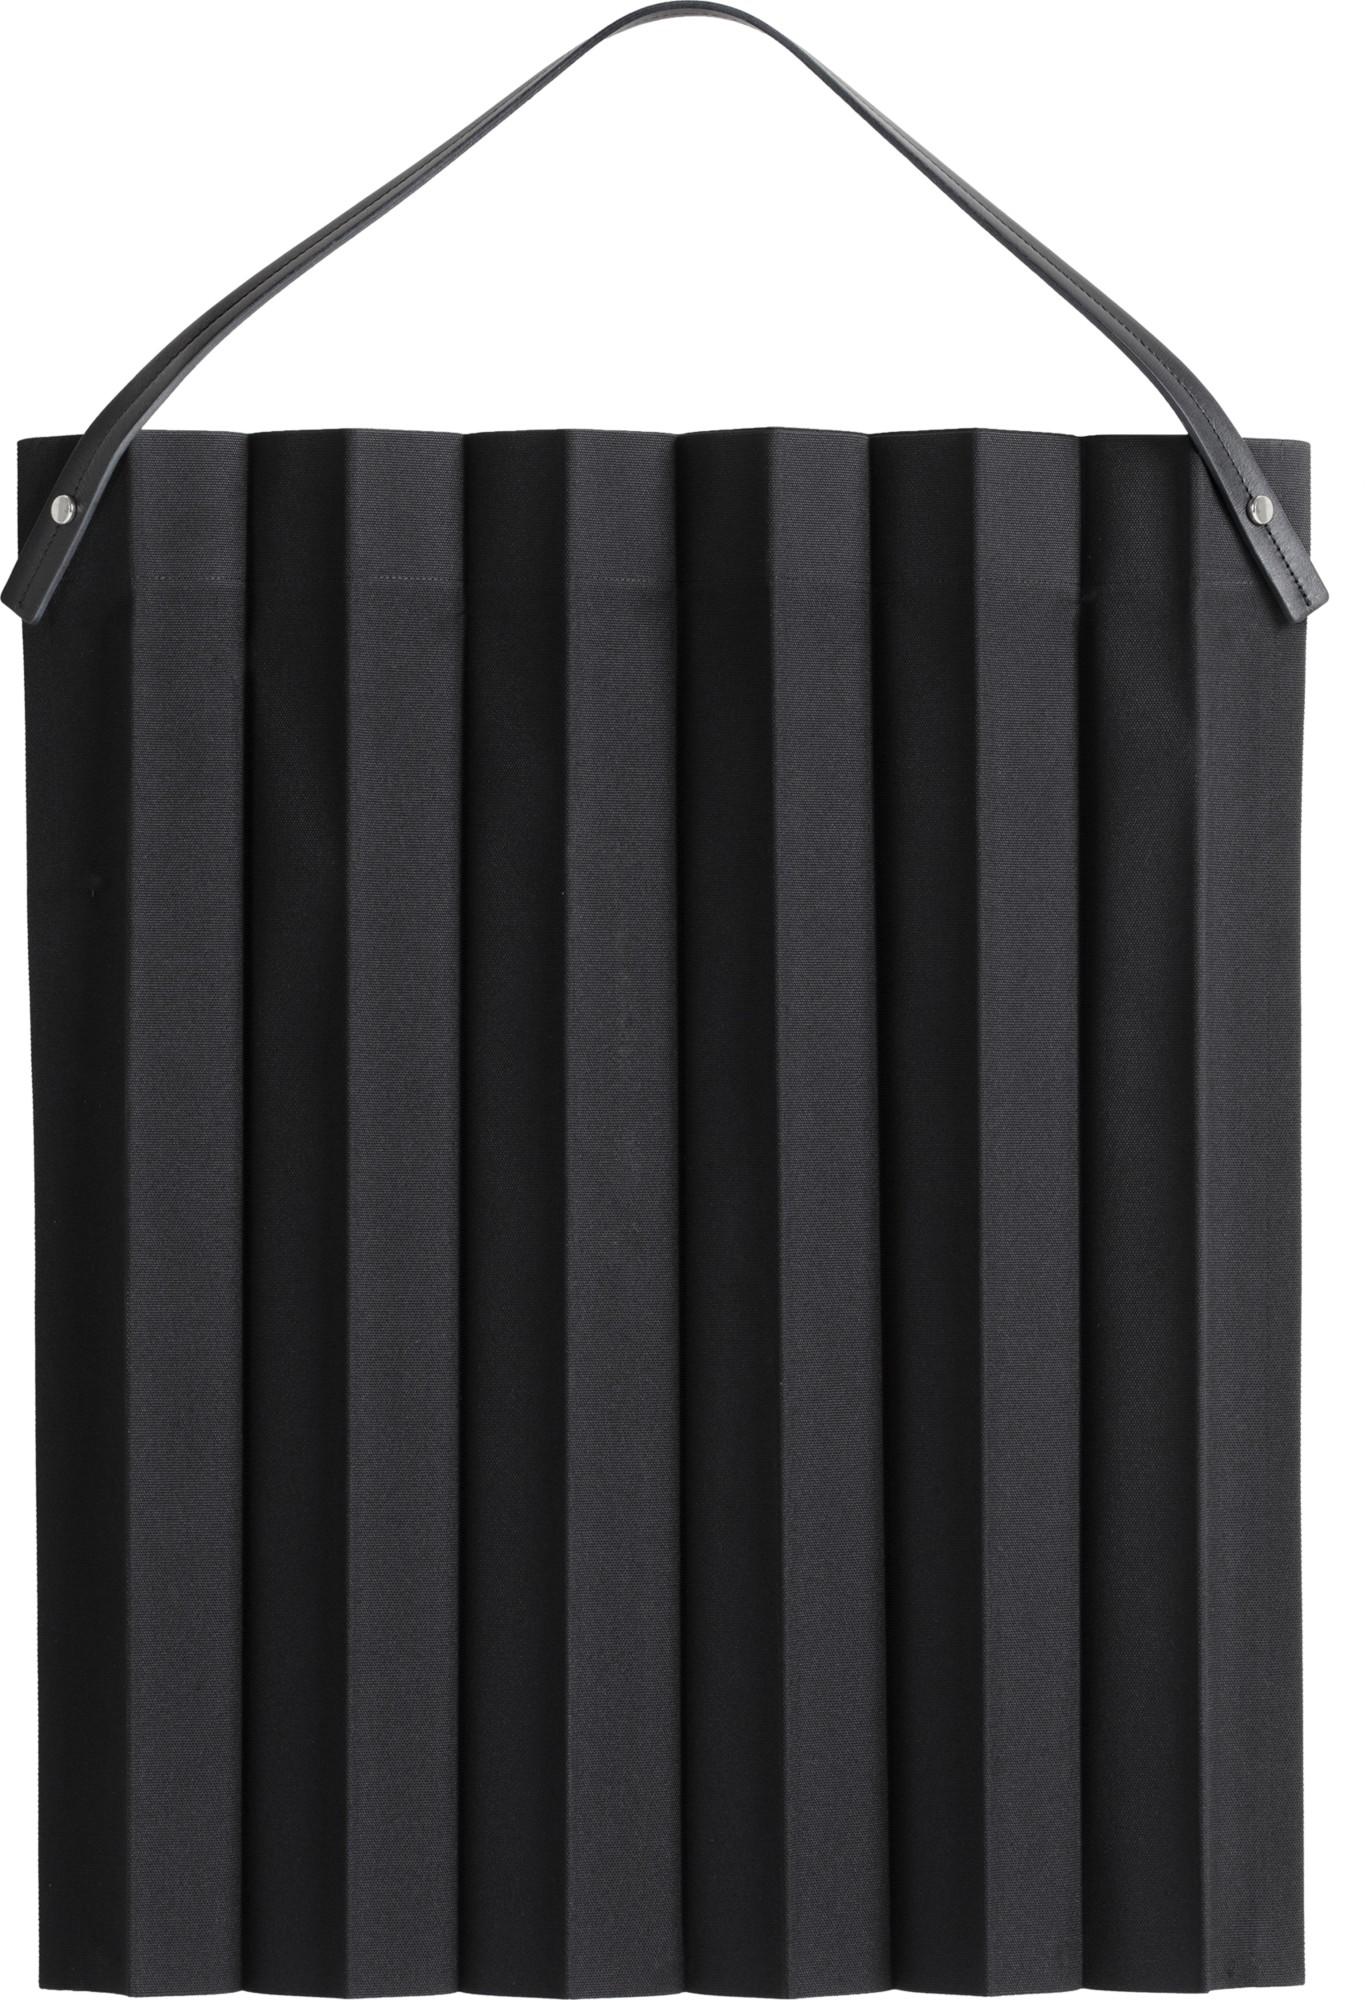 d23422b46d19 Iittala - Iittala X Issey Miyake bag 54 x 52 cm black - Iittala.com UK